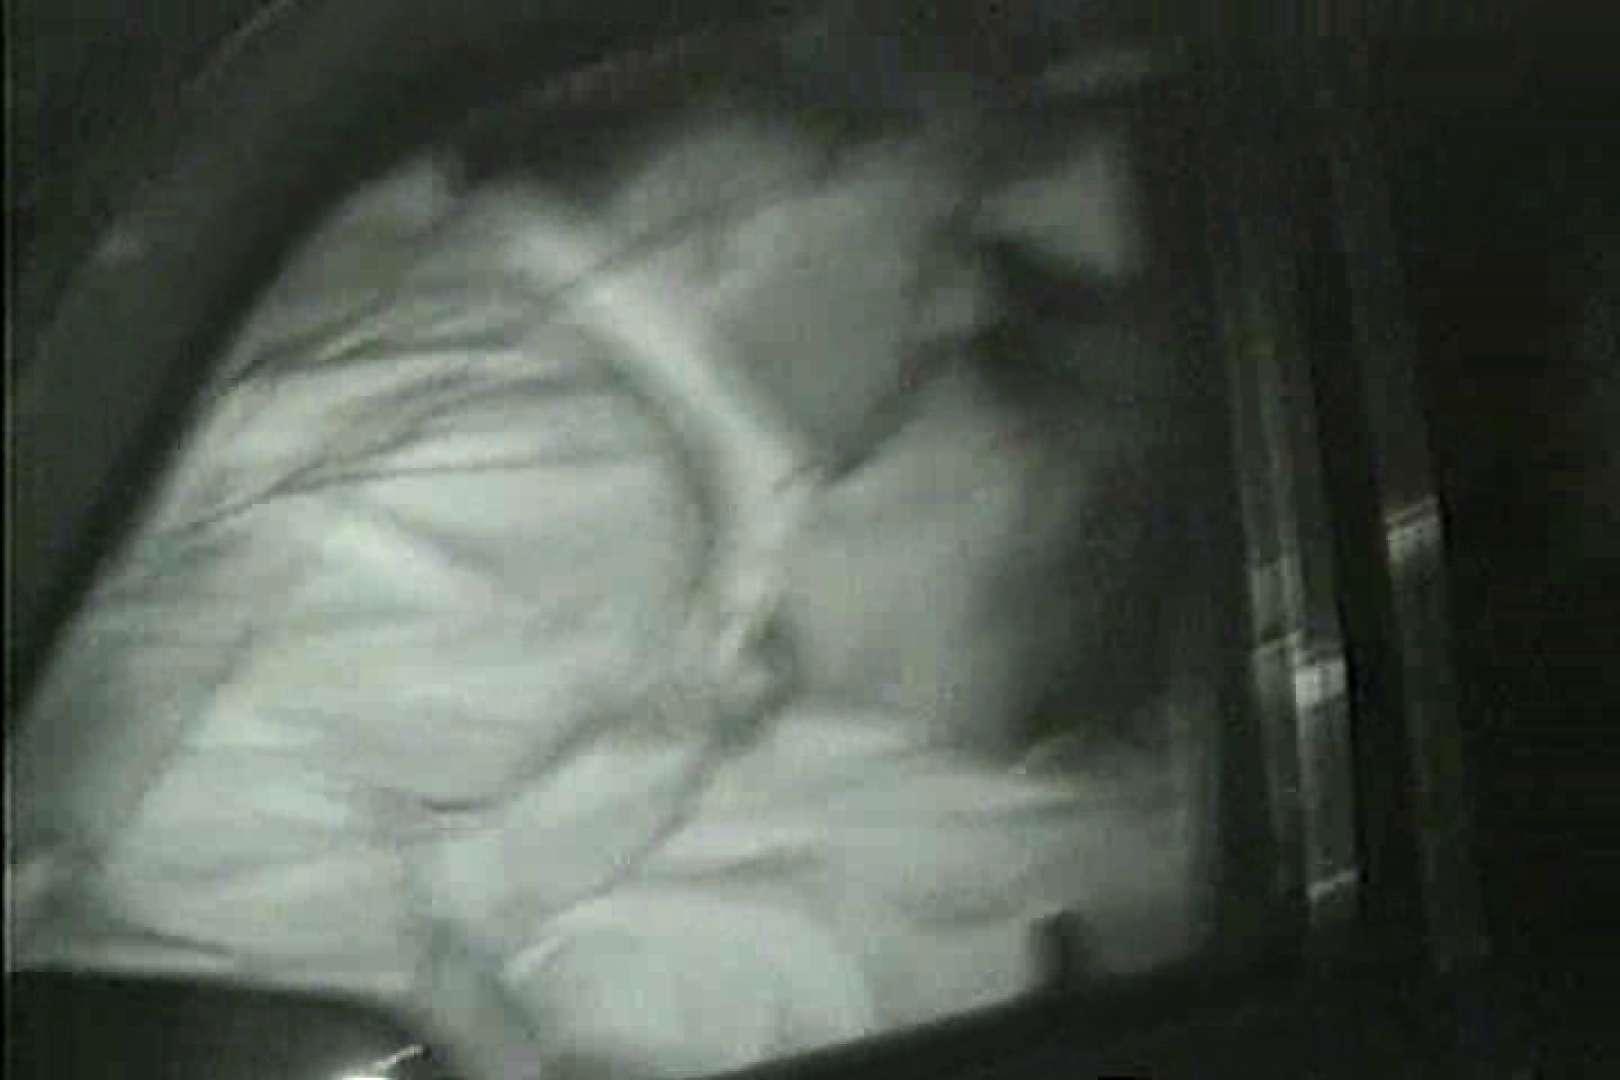 車の中はラブホテル 無修正版  Vol.10 ラブホテル 盗撮ヌード画像 33pic 15